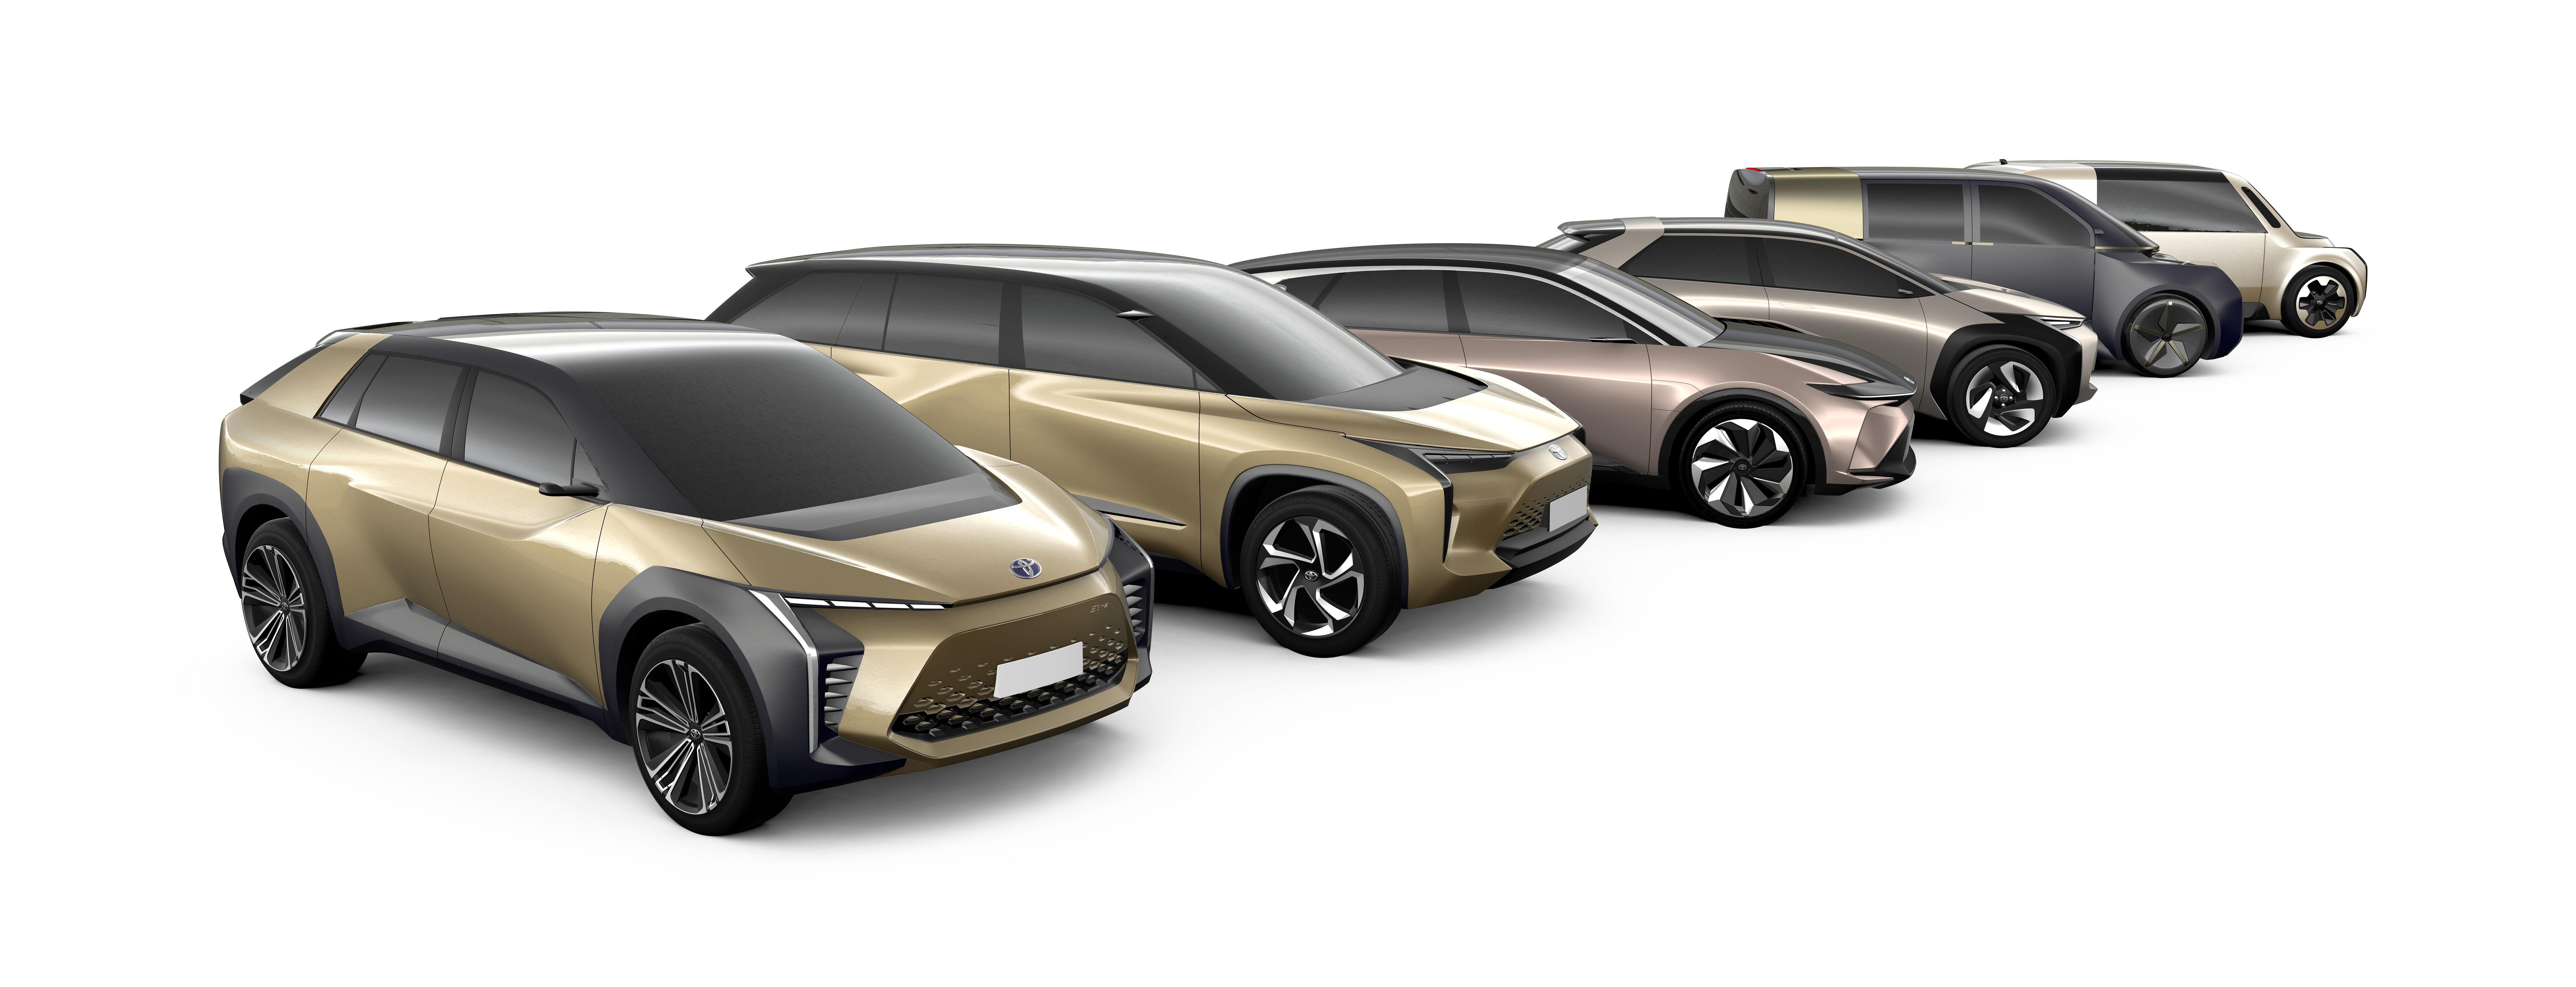 トヨタは電気自動車の普及に、どこまで「本気」で取り組むのか?